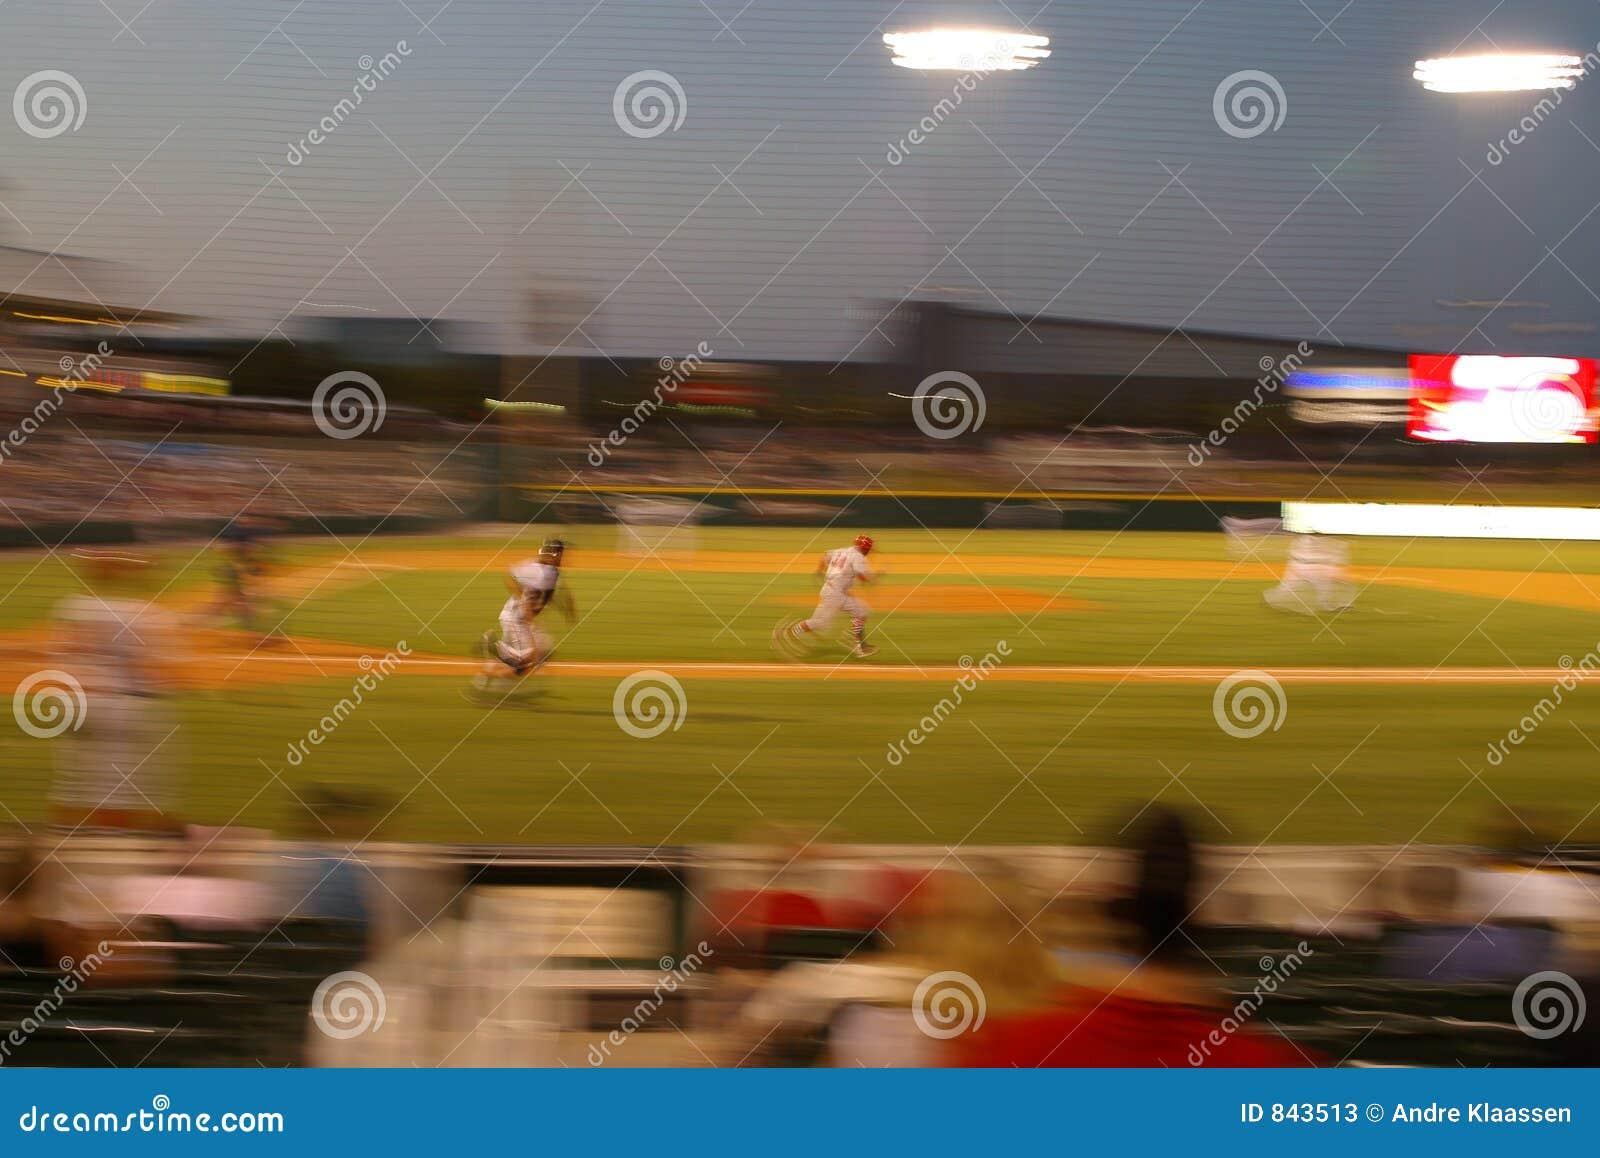 Baseballblurrunning